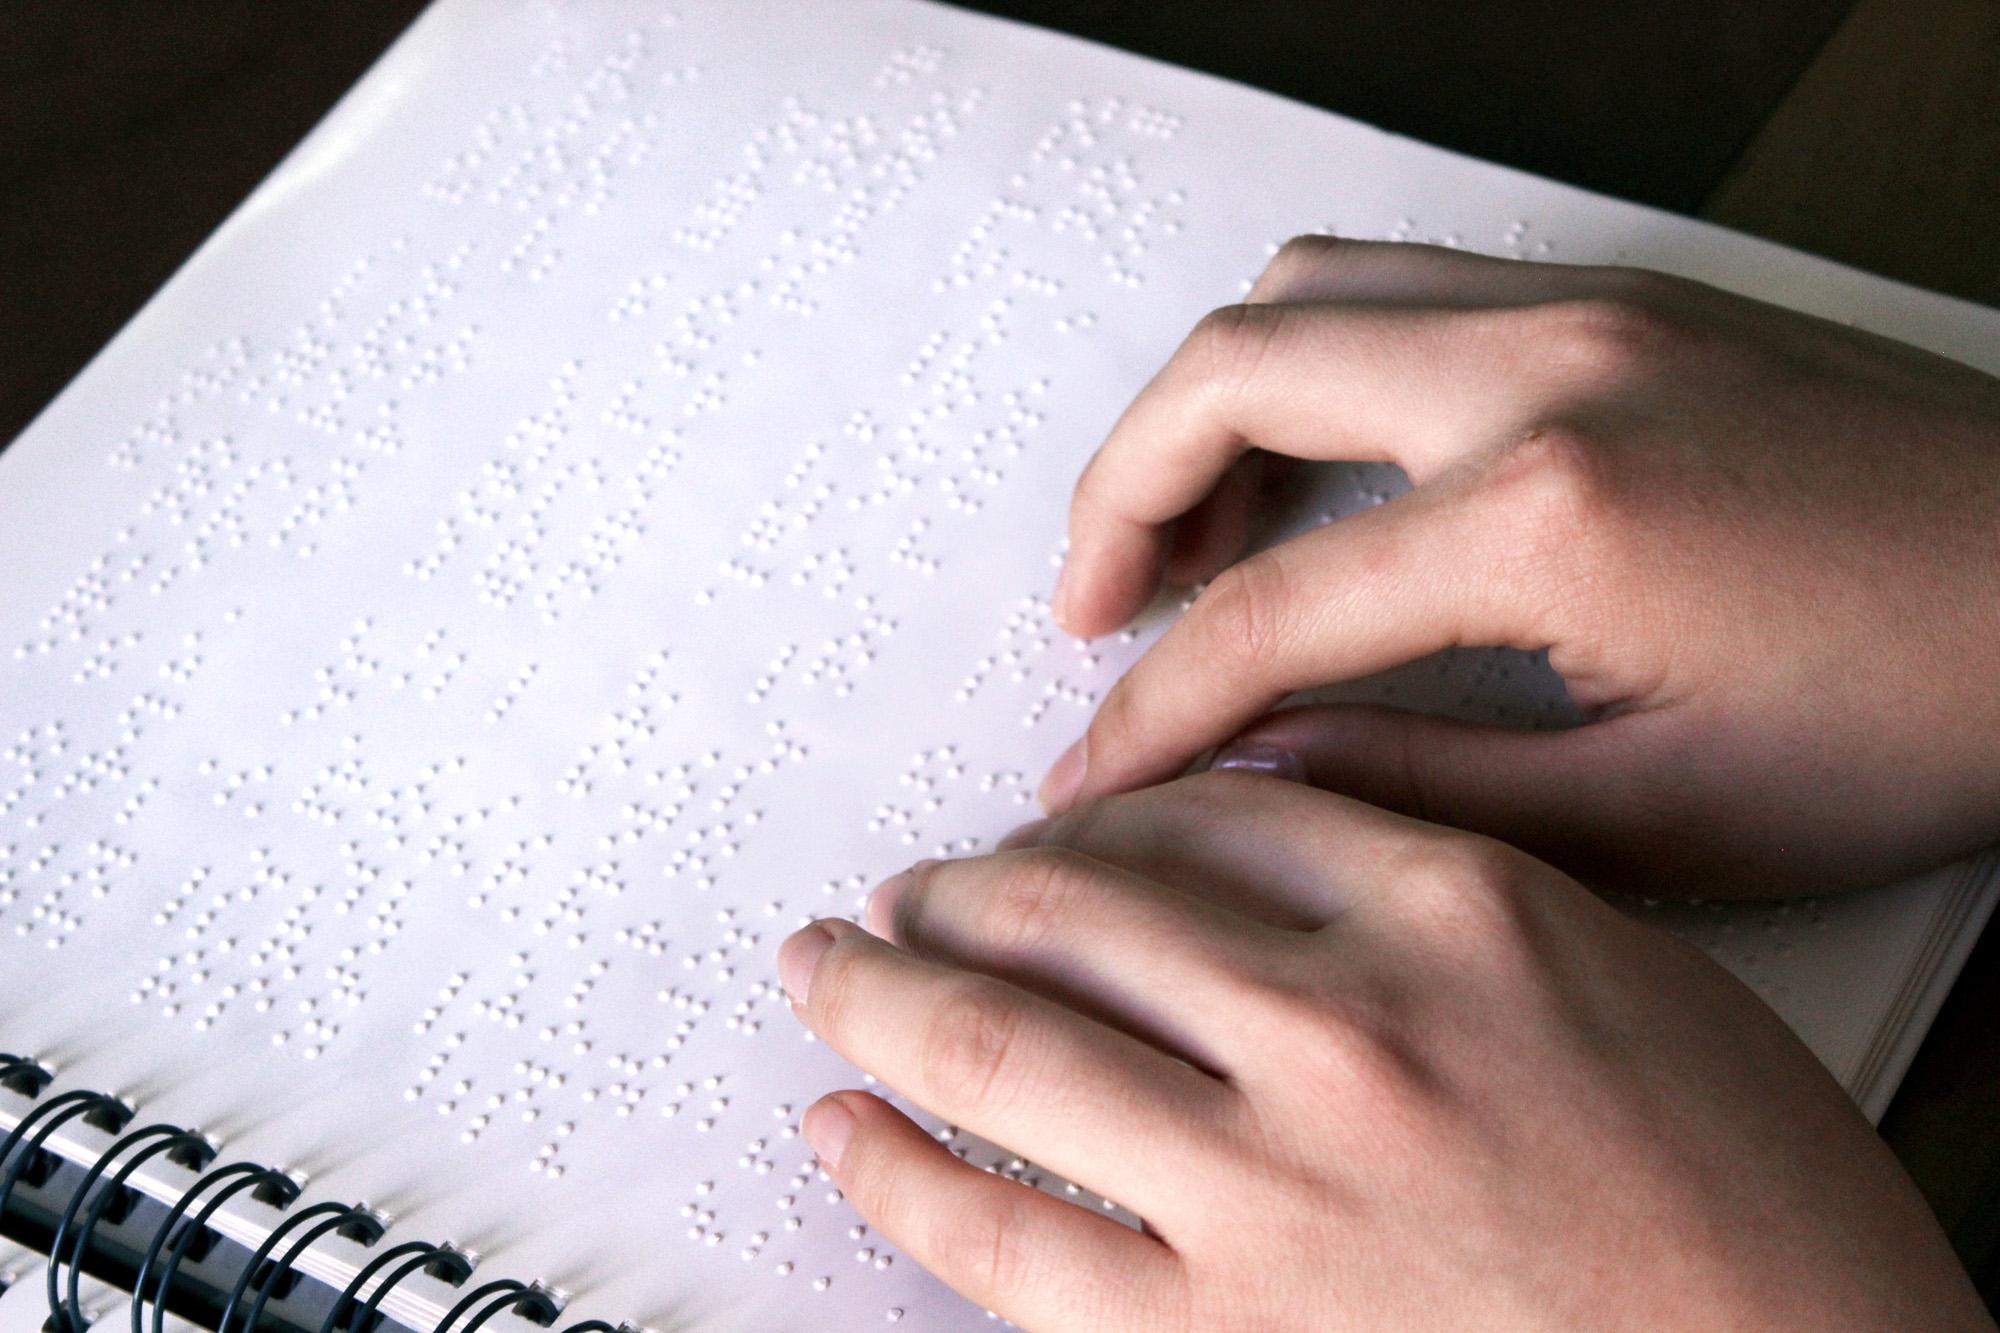 Descrição da imagem: foto de duas mãos sobre papel com texto em braille